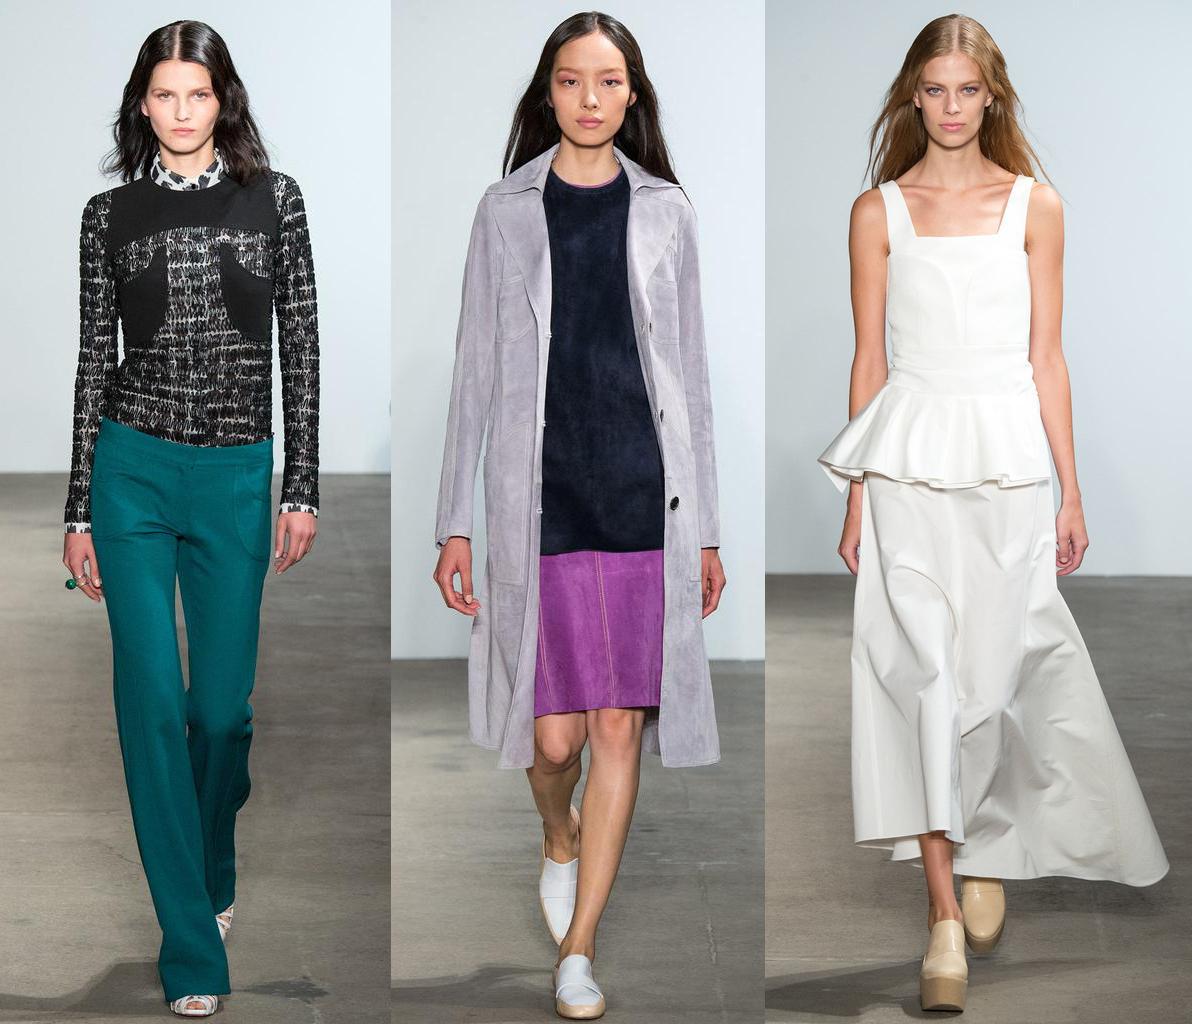 Неделя моды в Нью-Йорке: Derek Lam, весна-лето 2015 - фото №1